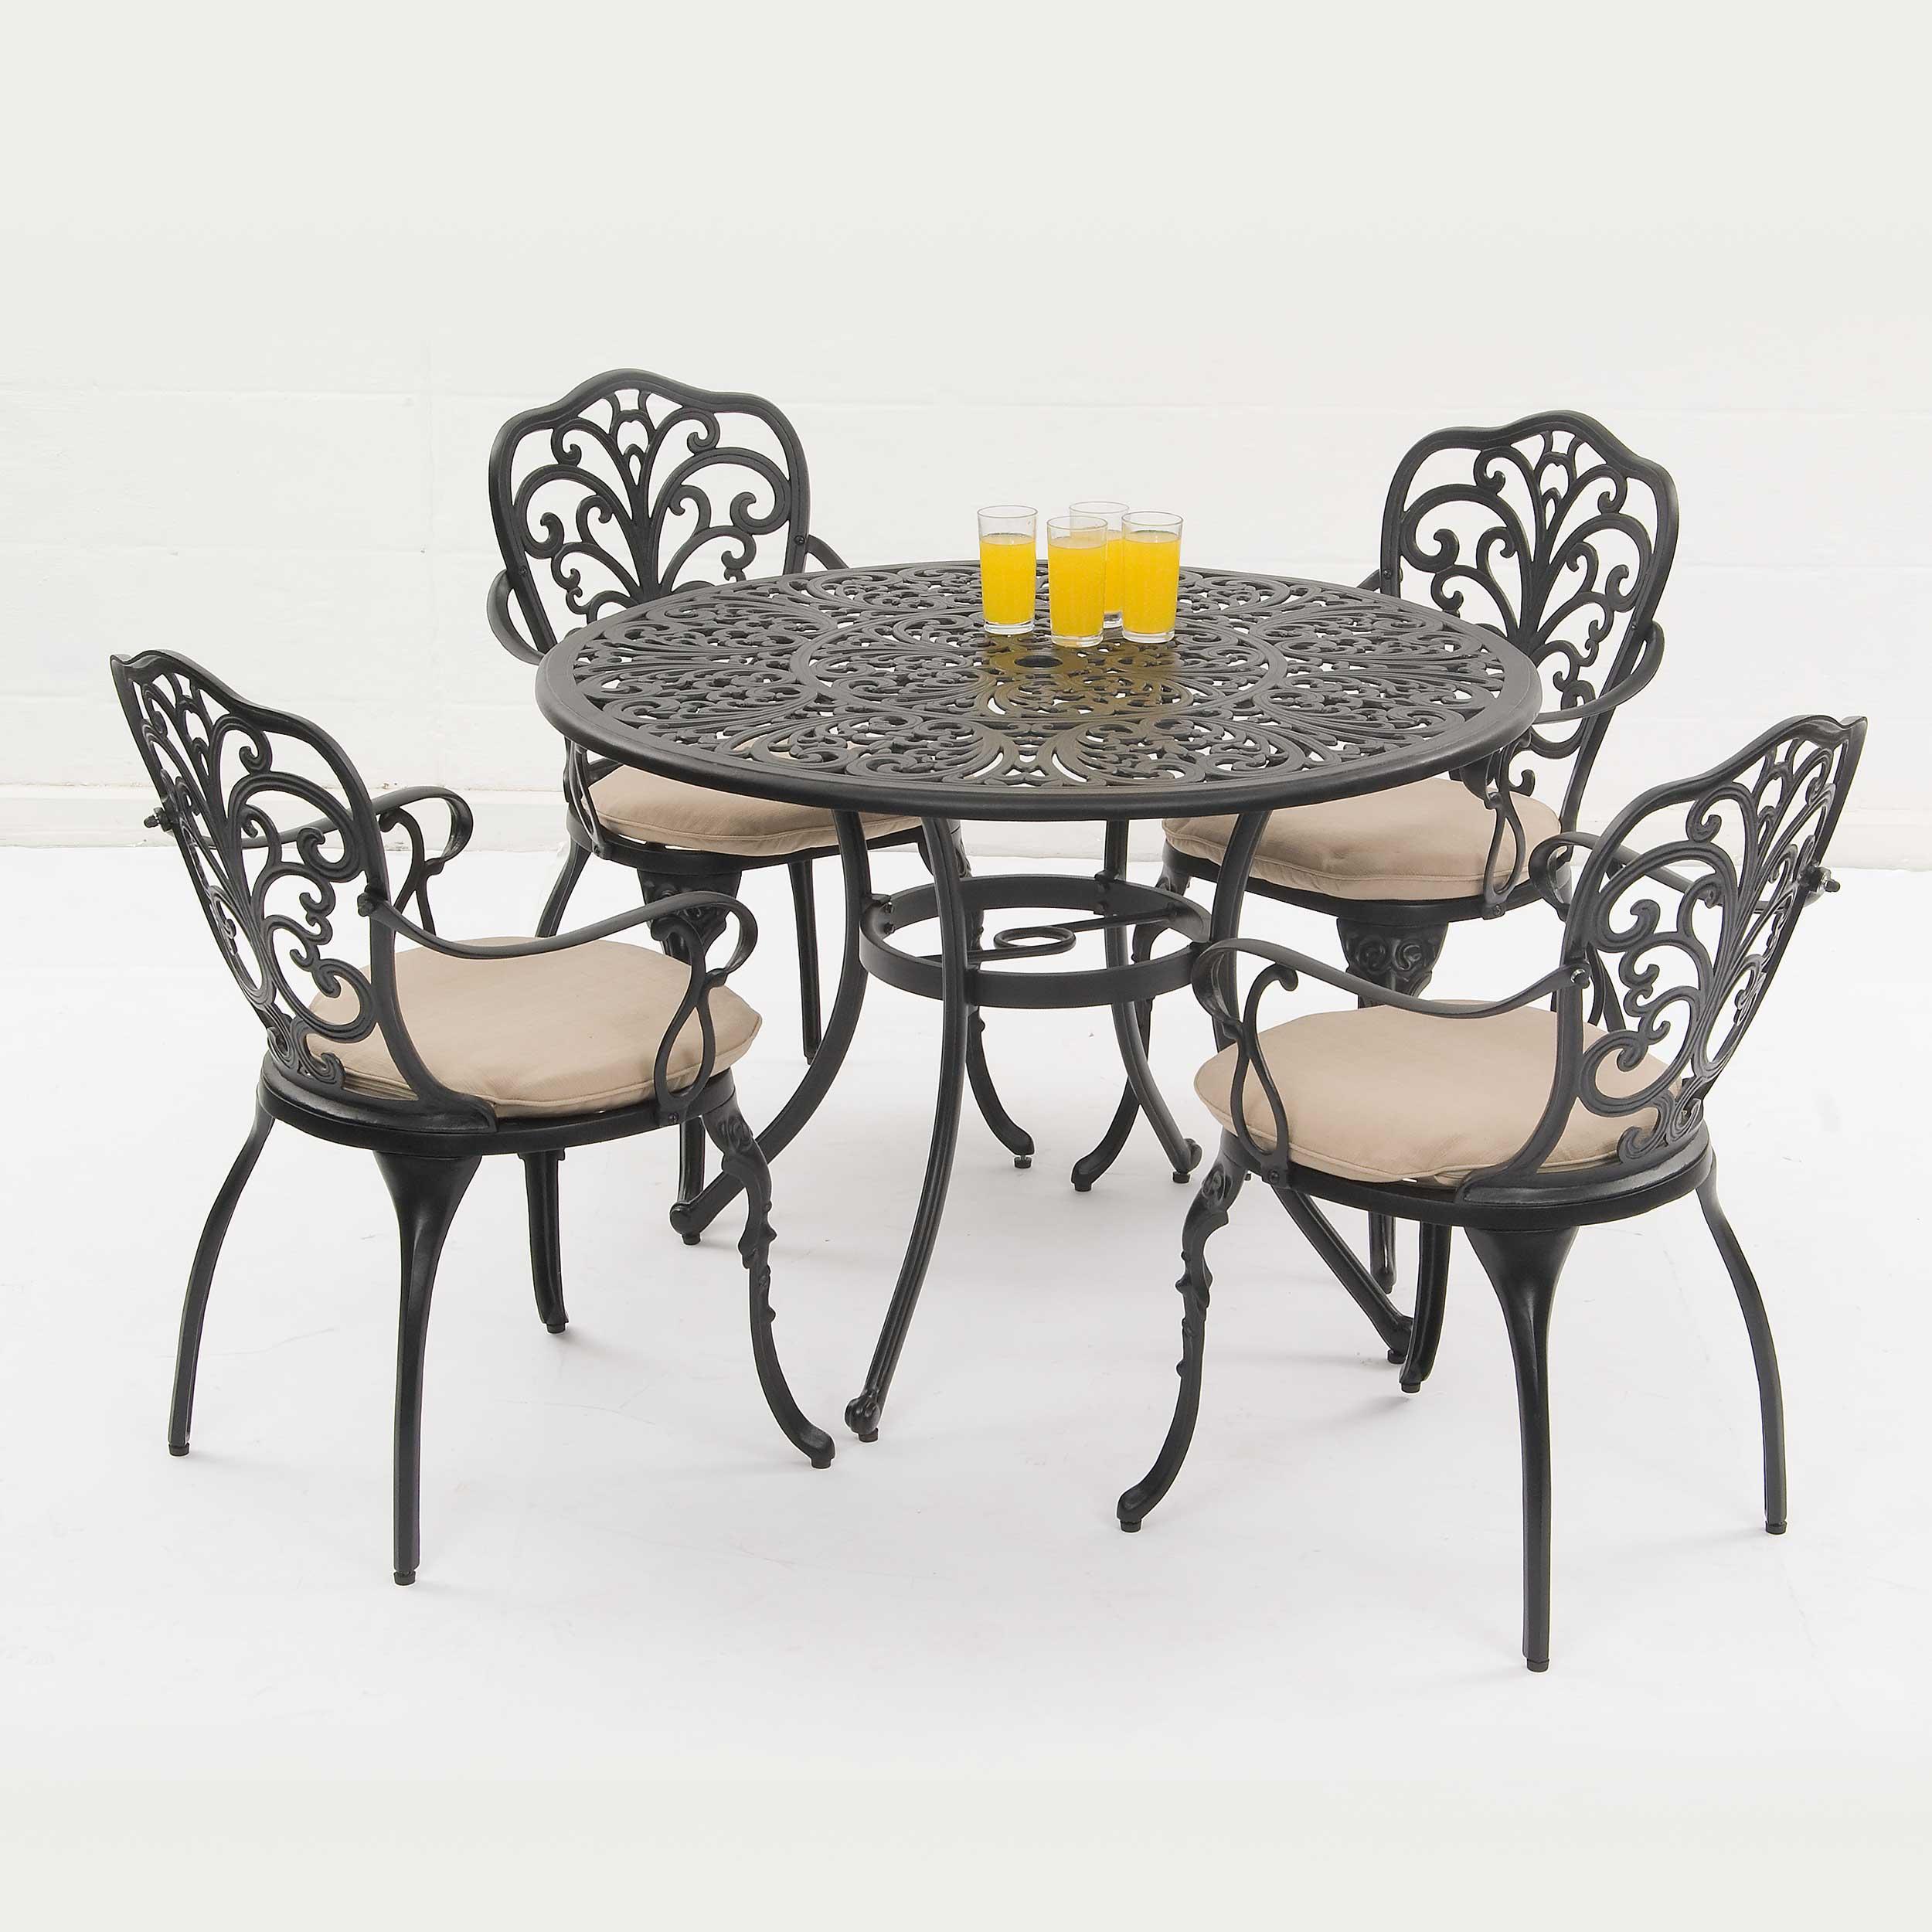 Suntime Sussex Black 7 Piece Garden Dining Set